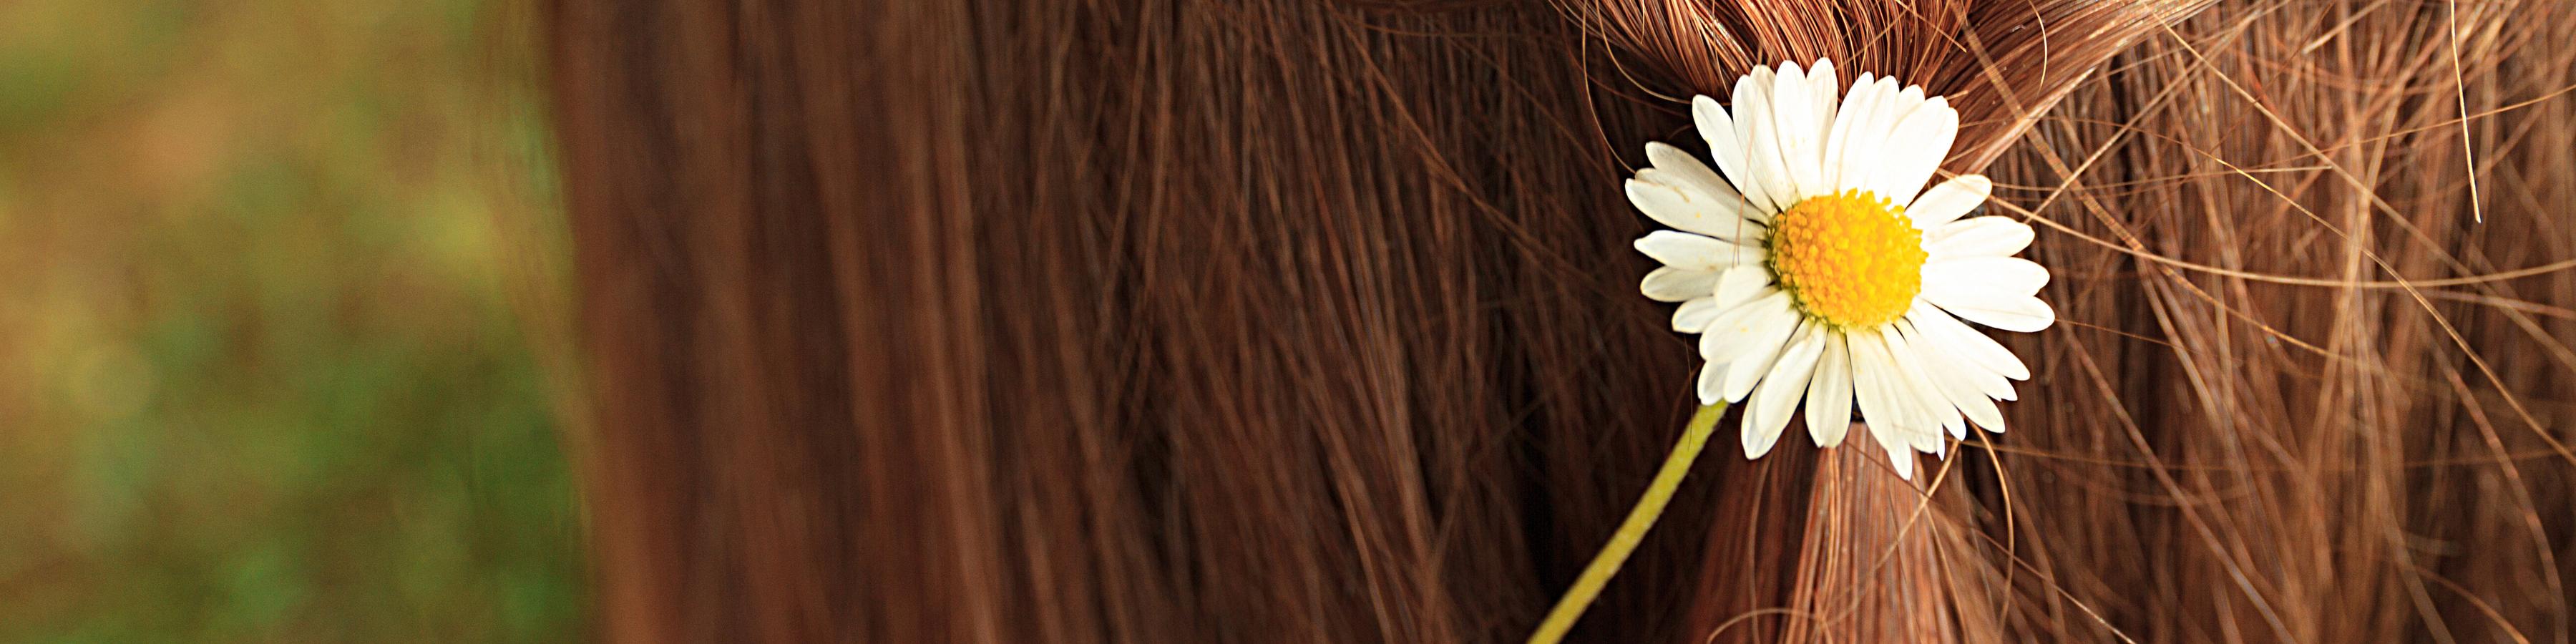 Eine Gänseblümchen in den Haaren einer Frau